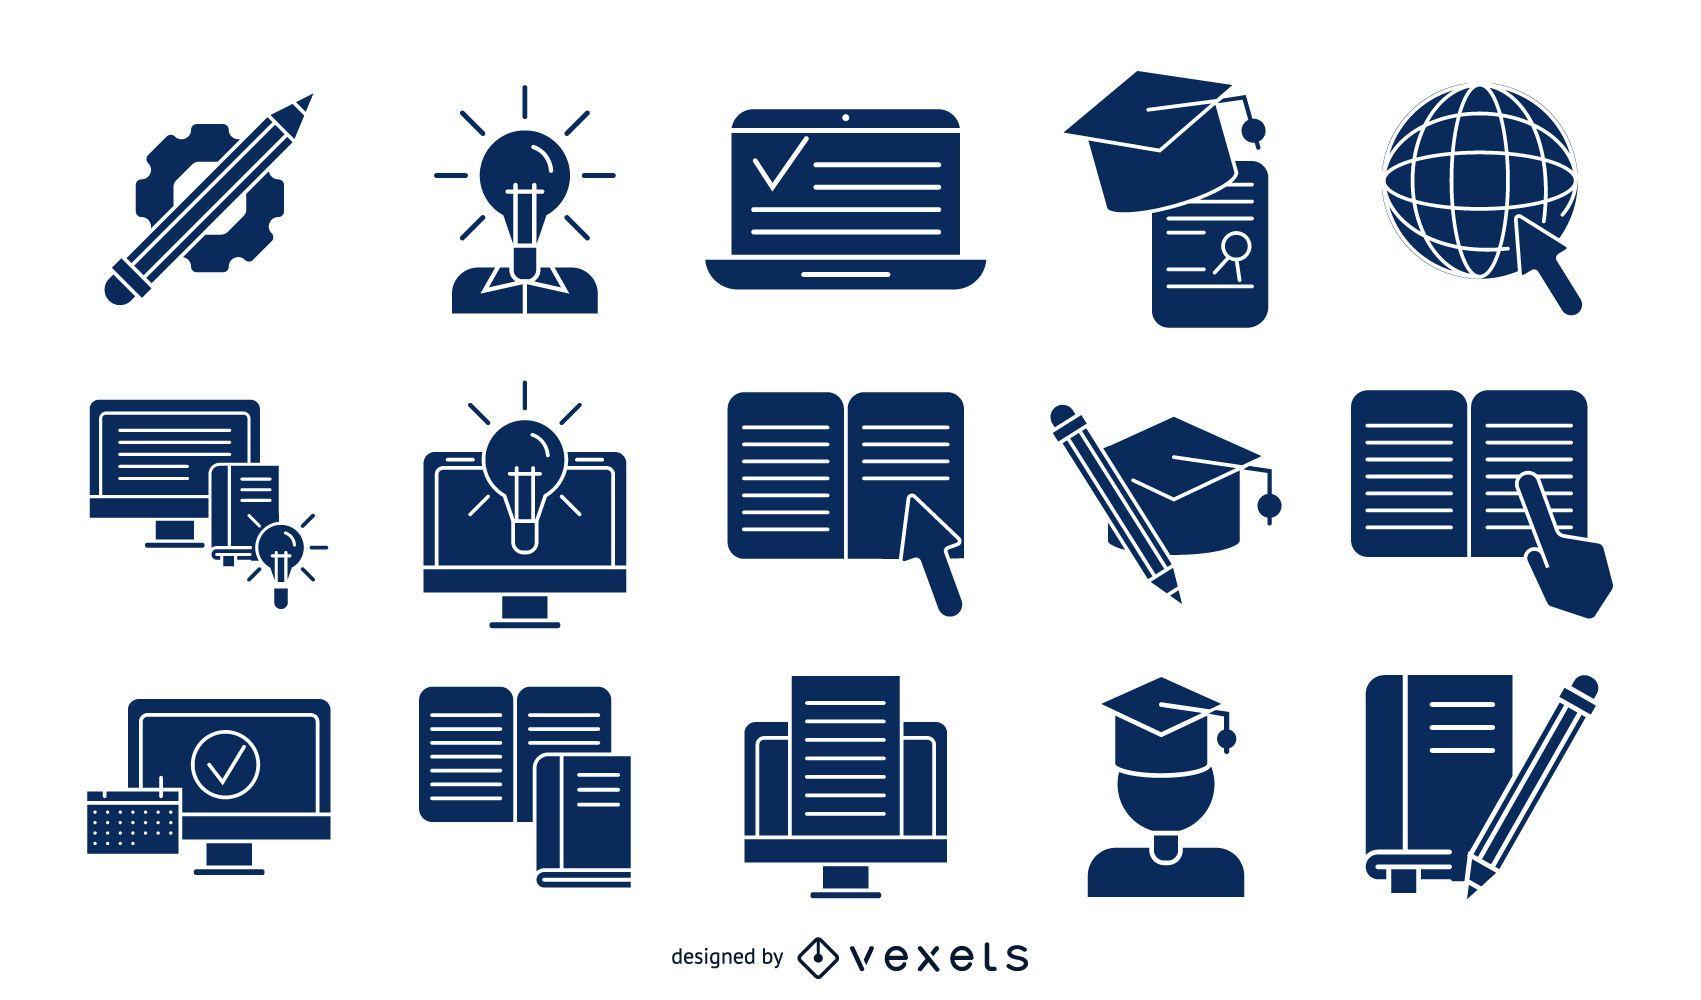 Detaillierte Silhouette-Sammlung für Online-Bildung